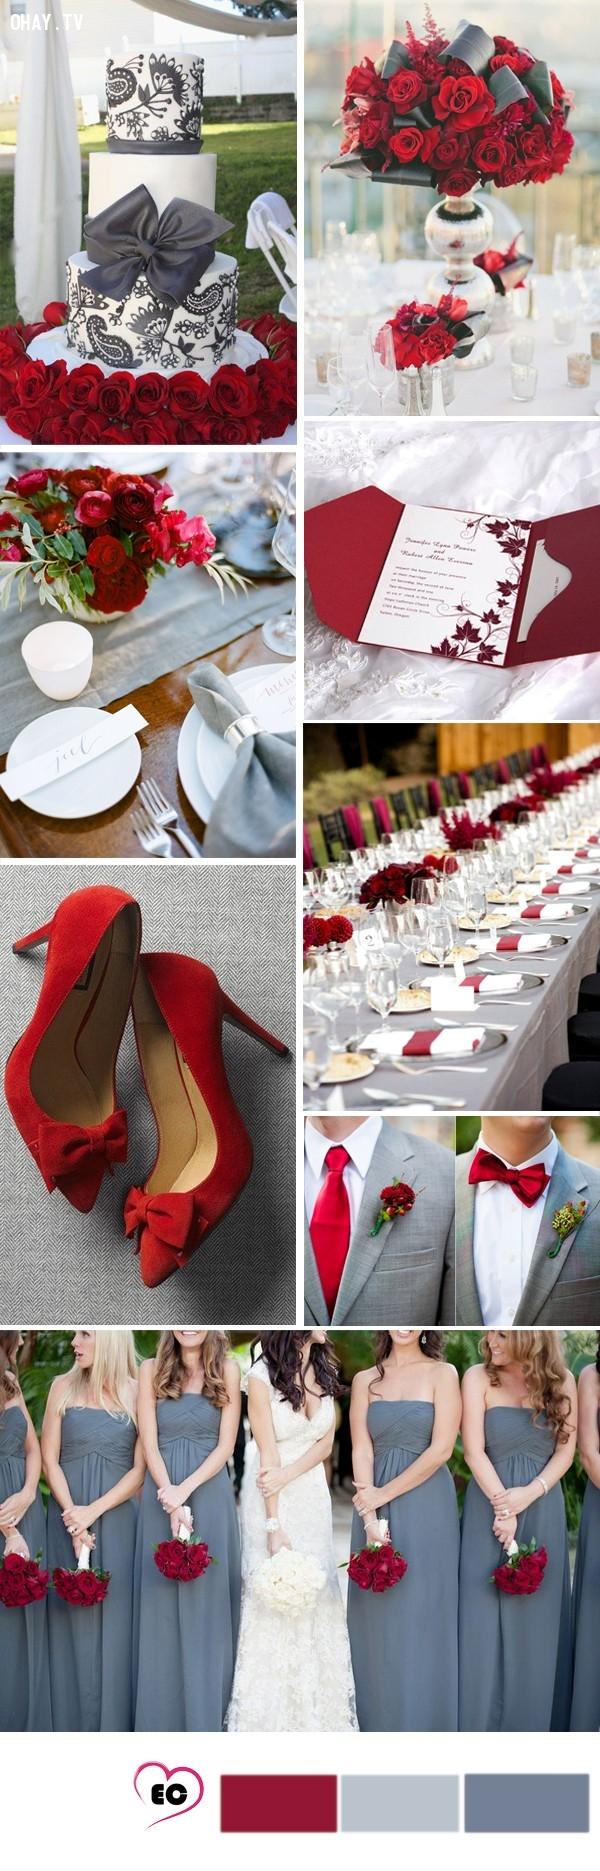 Đỏ rực cùng xám, sự nổi bật trên nền xám, một ý tưởng mới mẻ, ấm áp và rực rỡ sắc đỏ.,tổ chức đám cưới,màu sắc đám cưới,màu xám